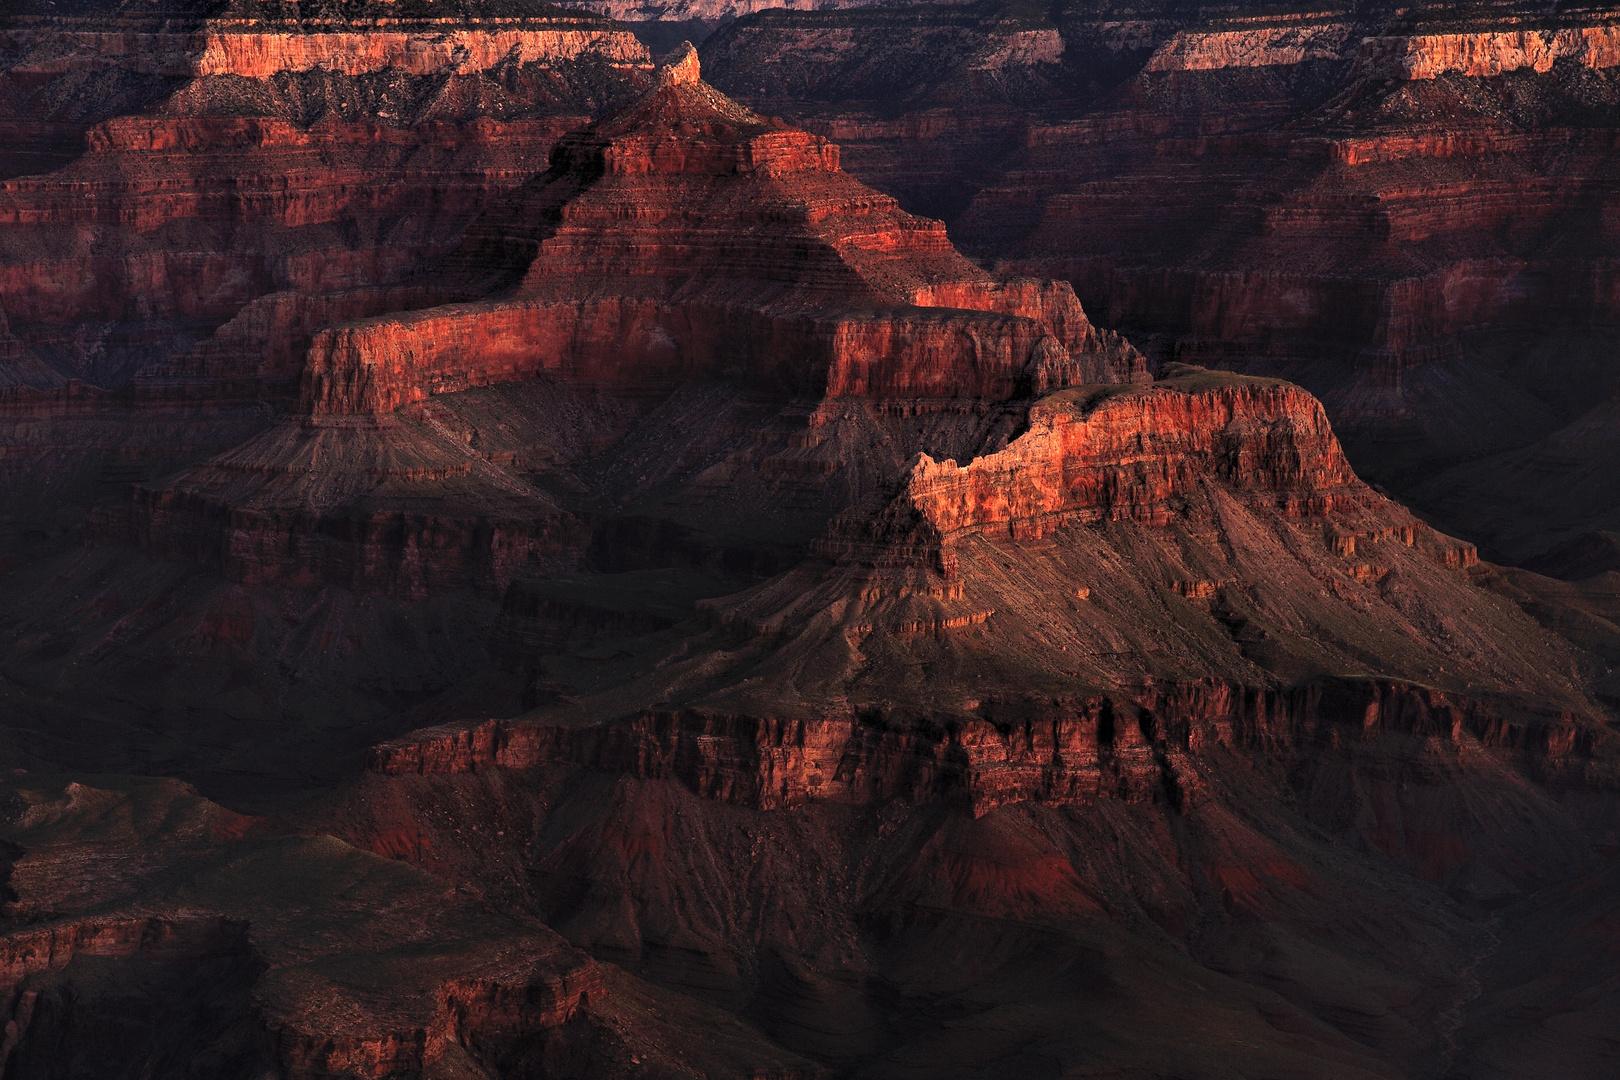 *Dawn at Grand Canyon*